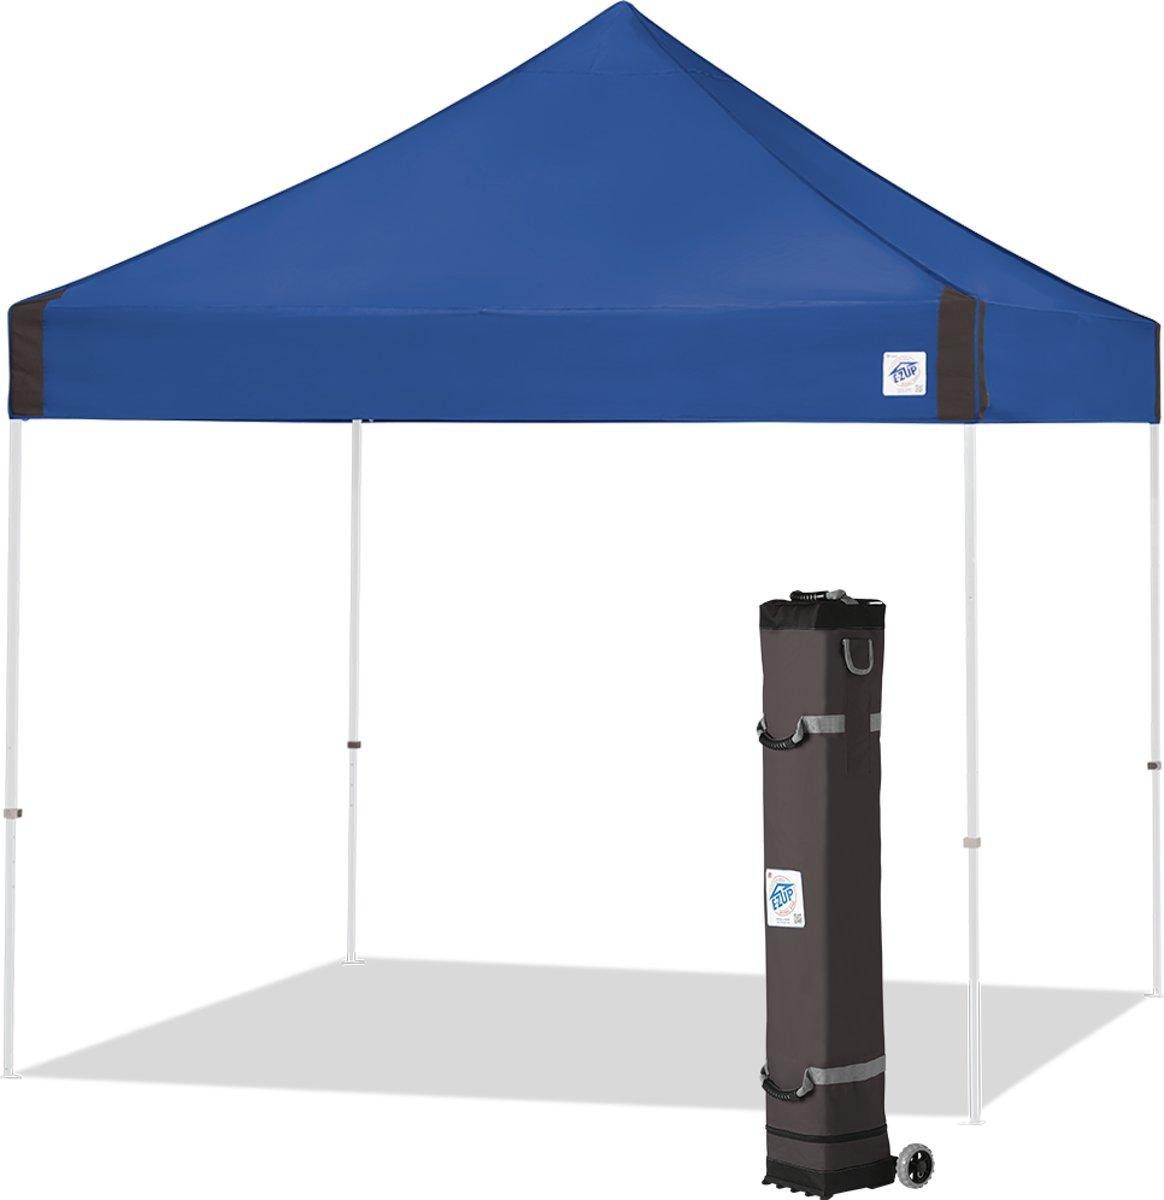 E-Z UP Vantage Partytent 3x3m  Royal Blue 2015